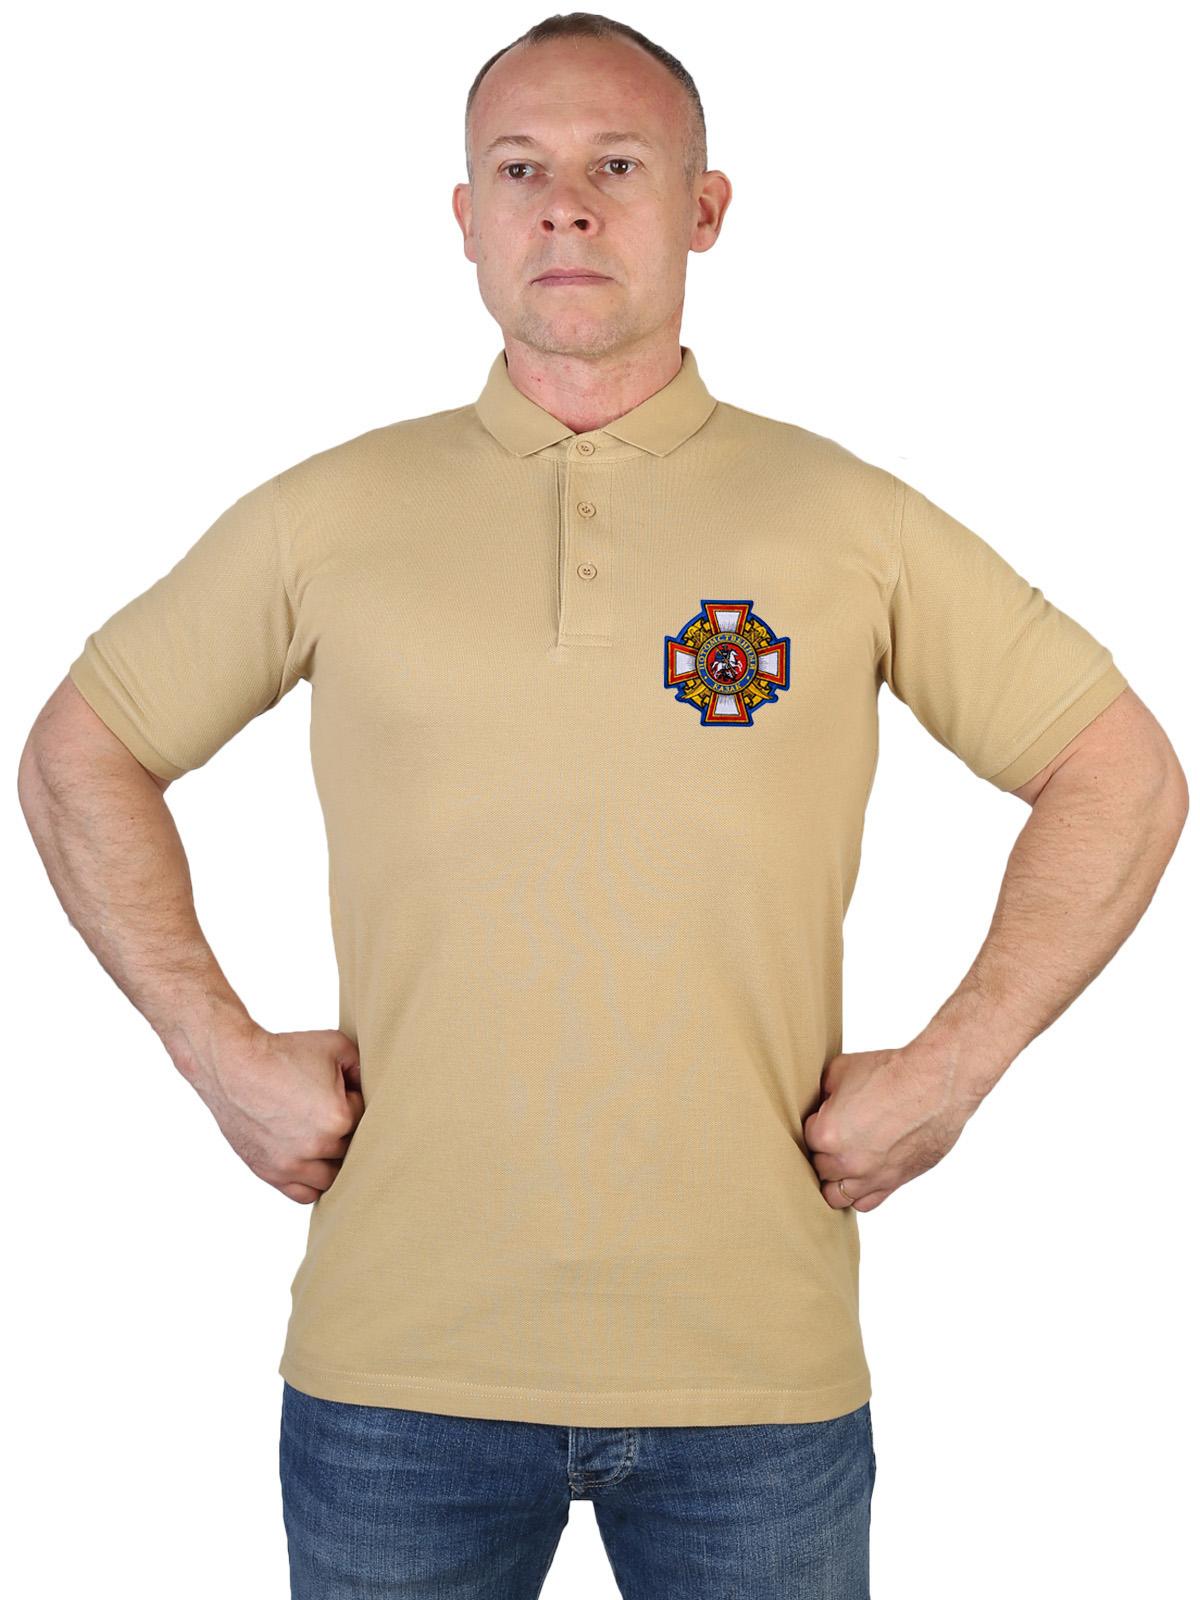 Купить песочную мужскую футболку-поло с вышивкой Потомственный Казак в подарок